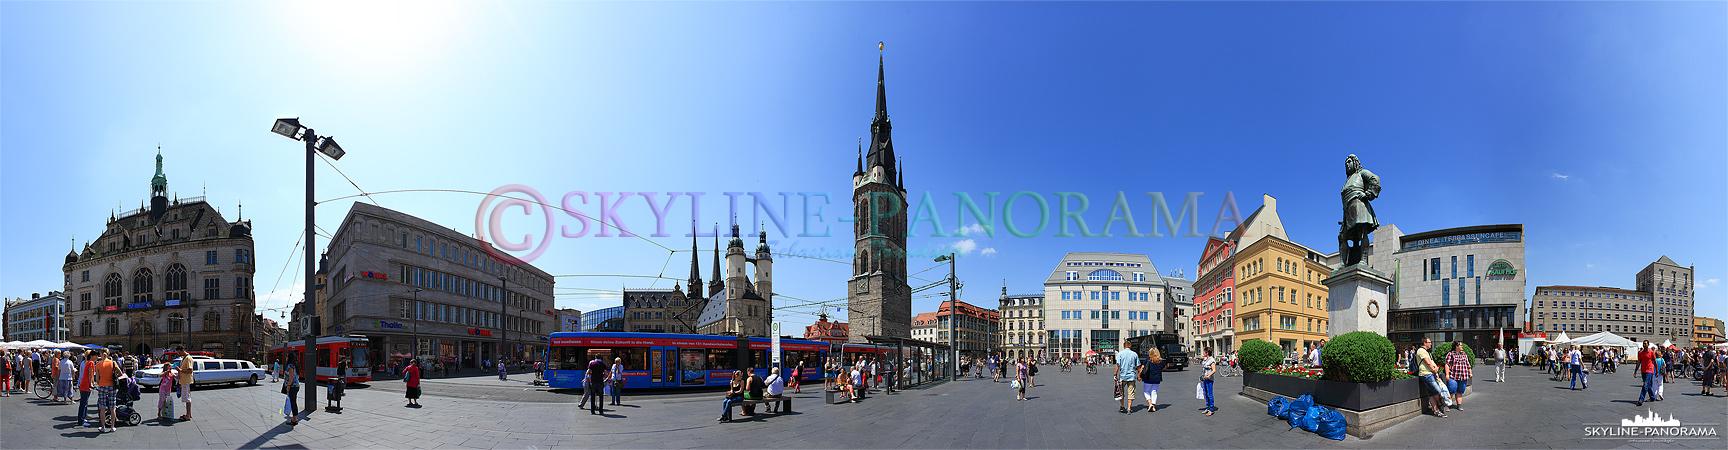 Bilder aus Halle - Dieses 360 Grad Panorama zeigt den Marktplatz von Halle (Saale) mit dem Stadthaus, der Marktkirche, dem Rotem Turm und dem Händel-Denkmal.